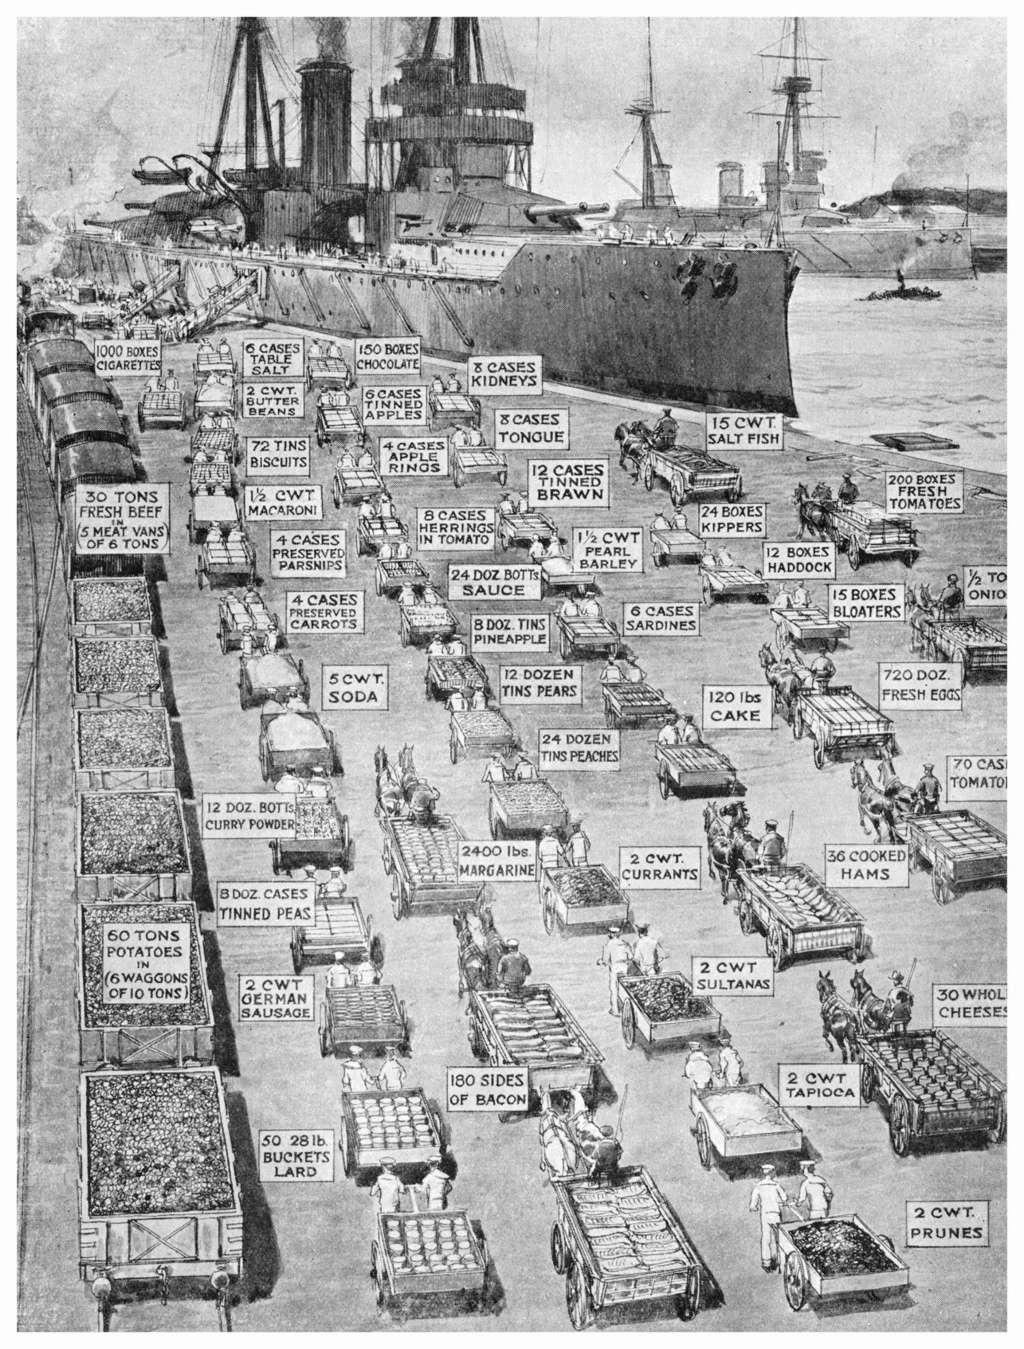 Le ravitaillement d'un navire de guerre (1918) Beller10